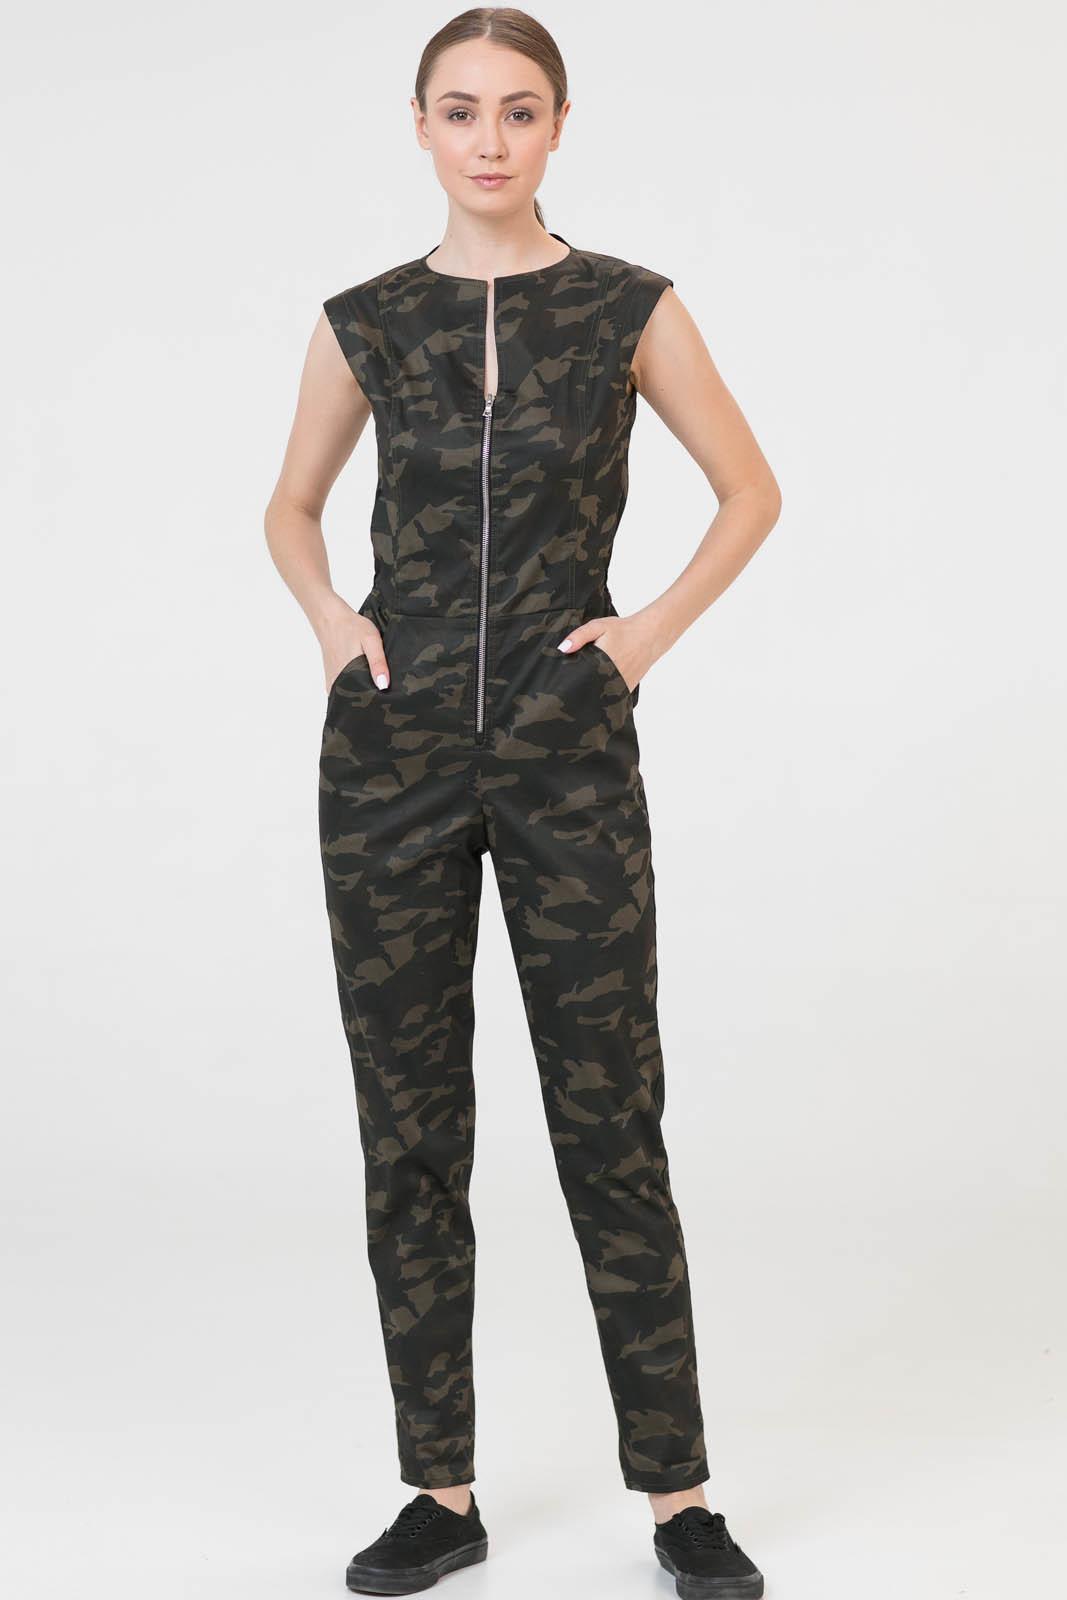 Купить со скидкой Комбинезон Army камуфляж женский из текстиля